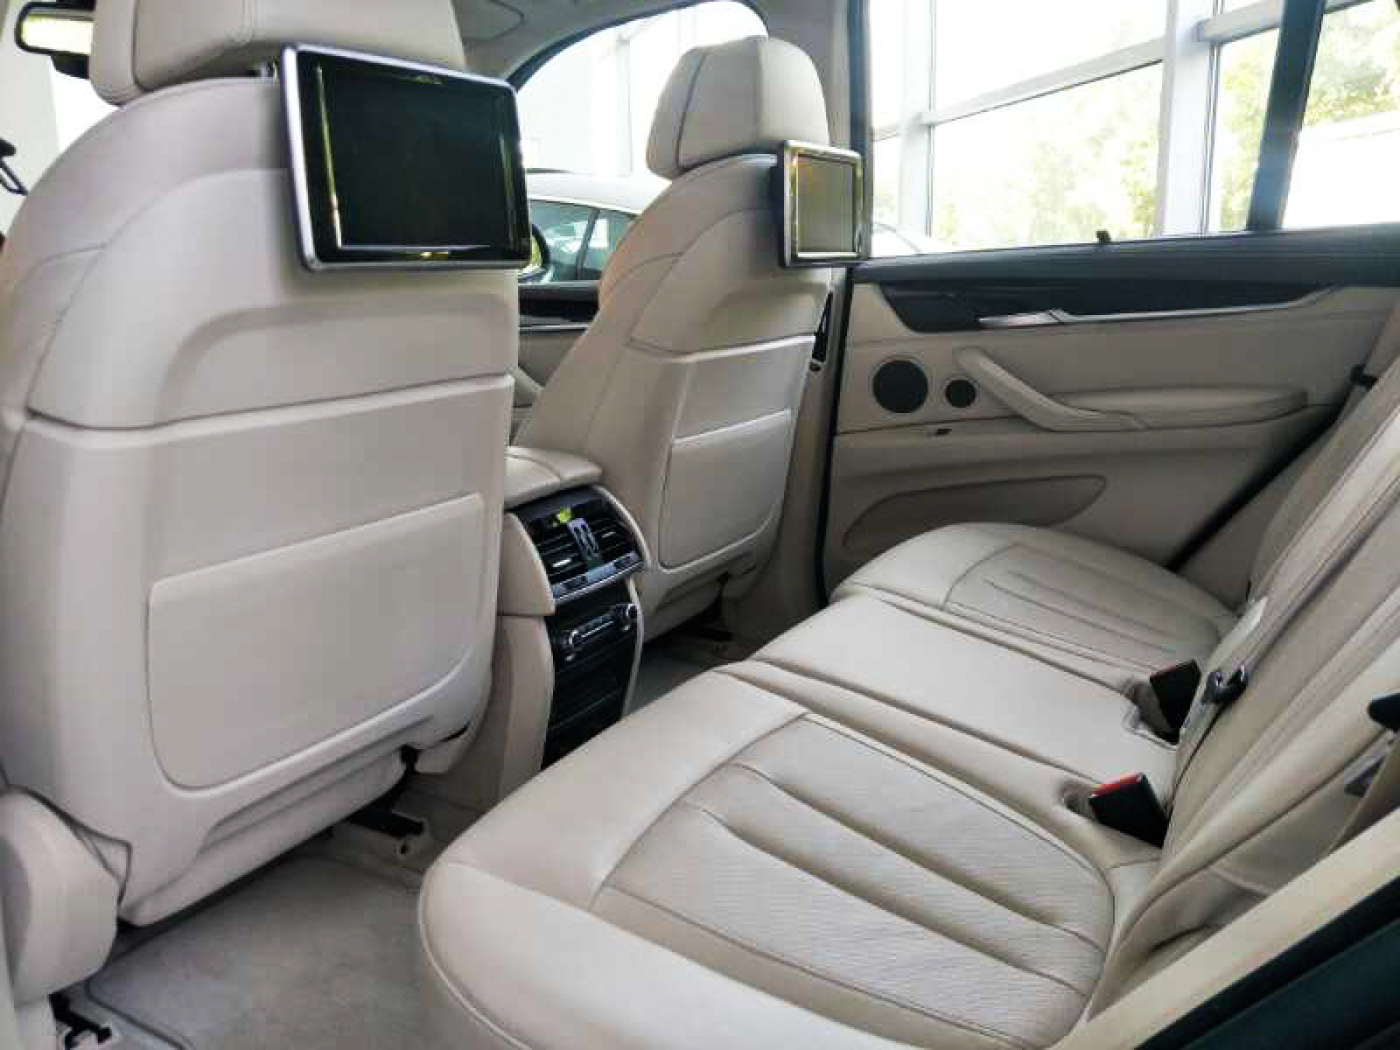 2014年09月 宝马X5 2014款 xDrive35i 尊享型|甄选宝马-北京卡斯基汽车服务有限公司